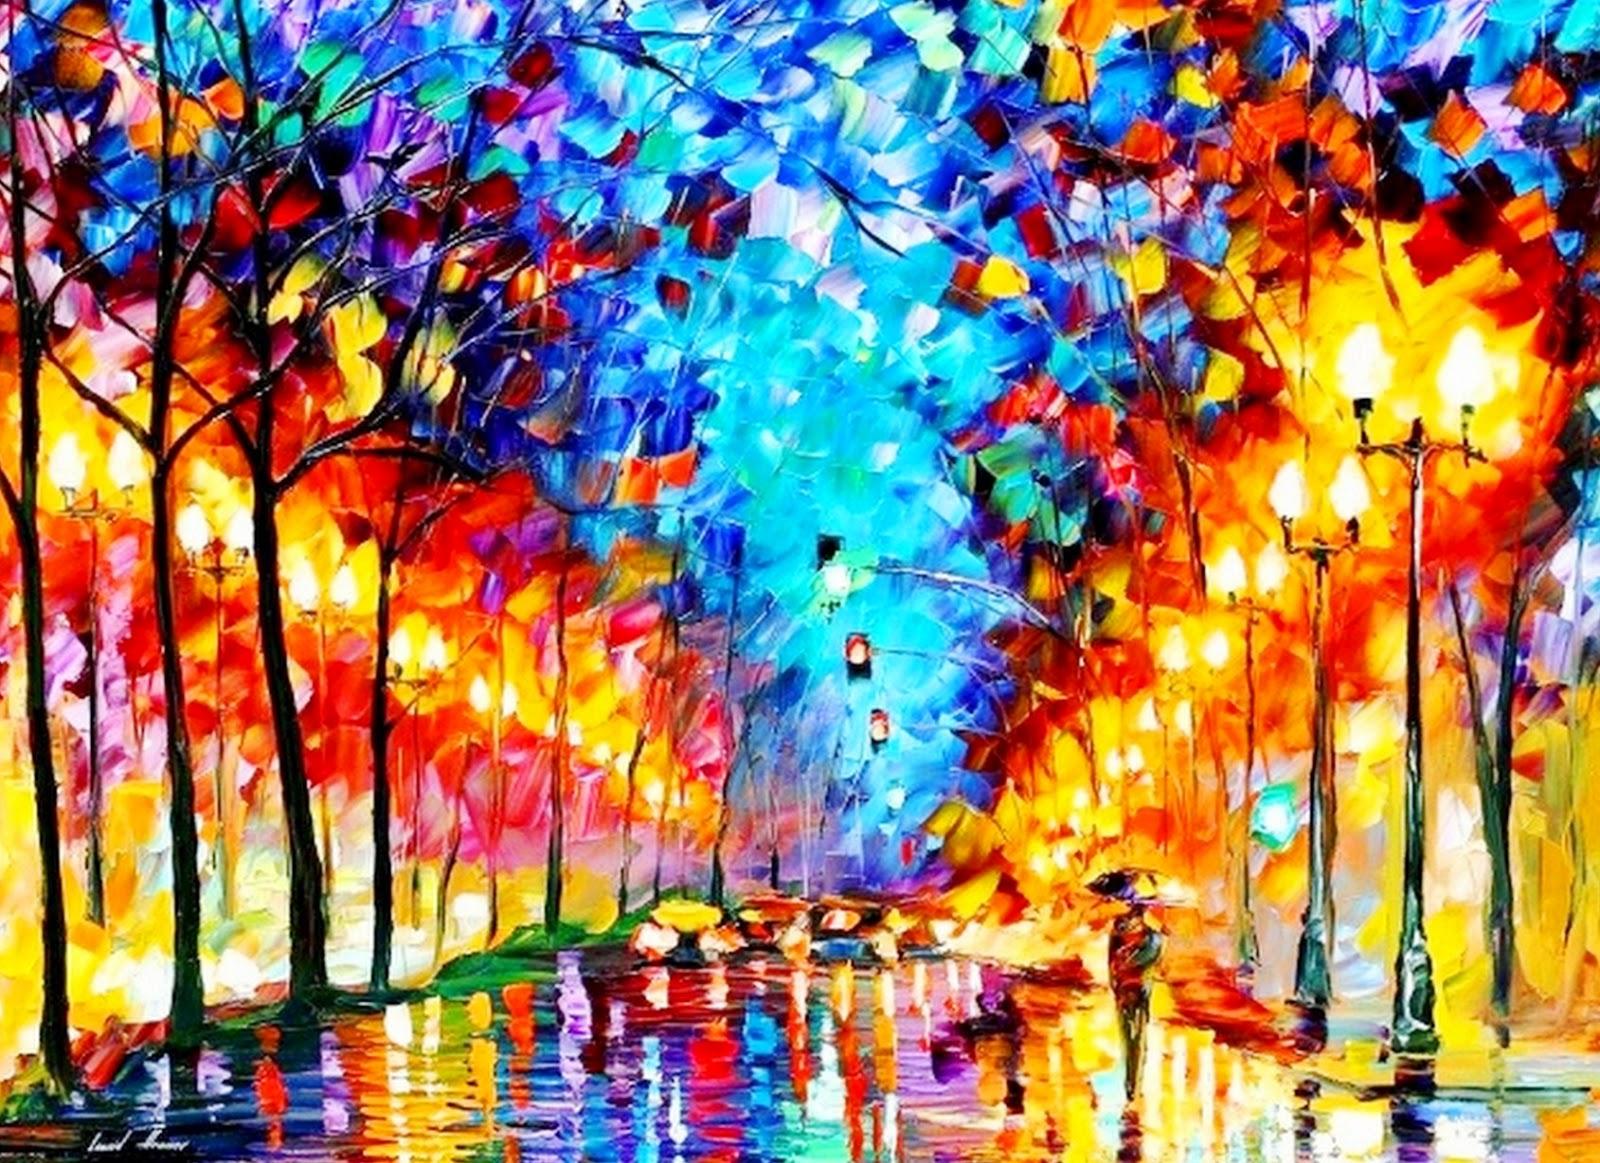 40 Imágenes Abstractas Para Descargar E Imprimir: Imágenes Arte Pinturas: Paisajes Urbanos En Pinturas Con